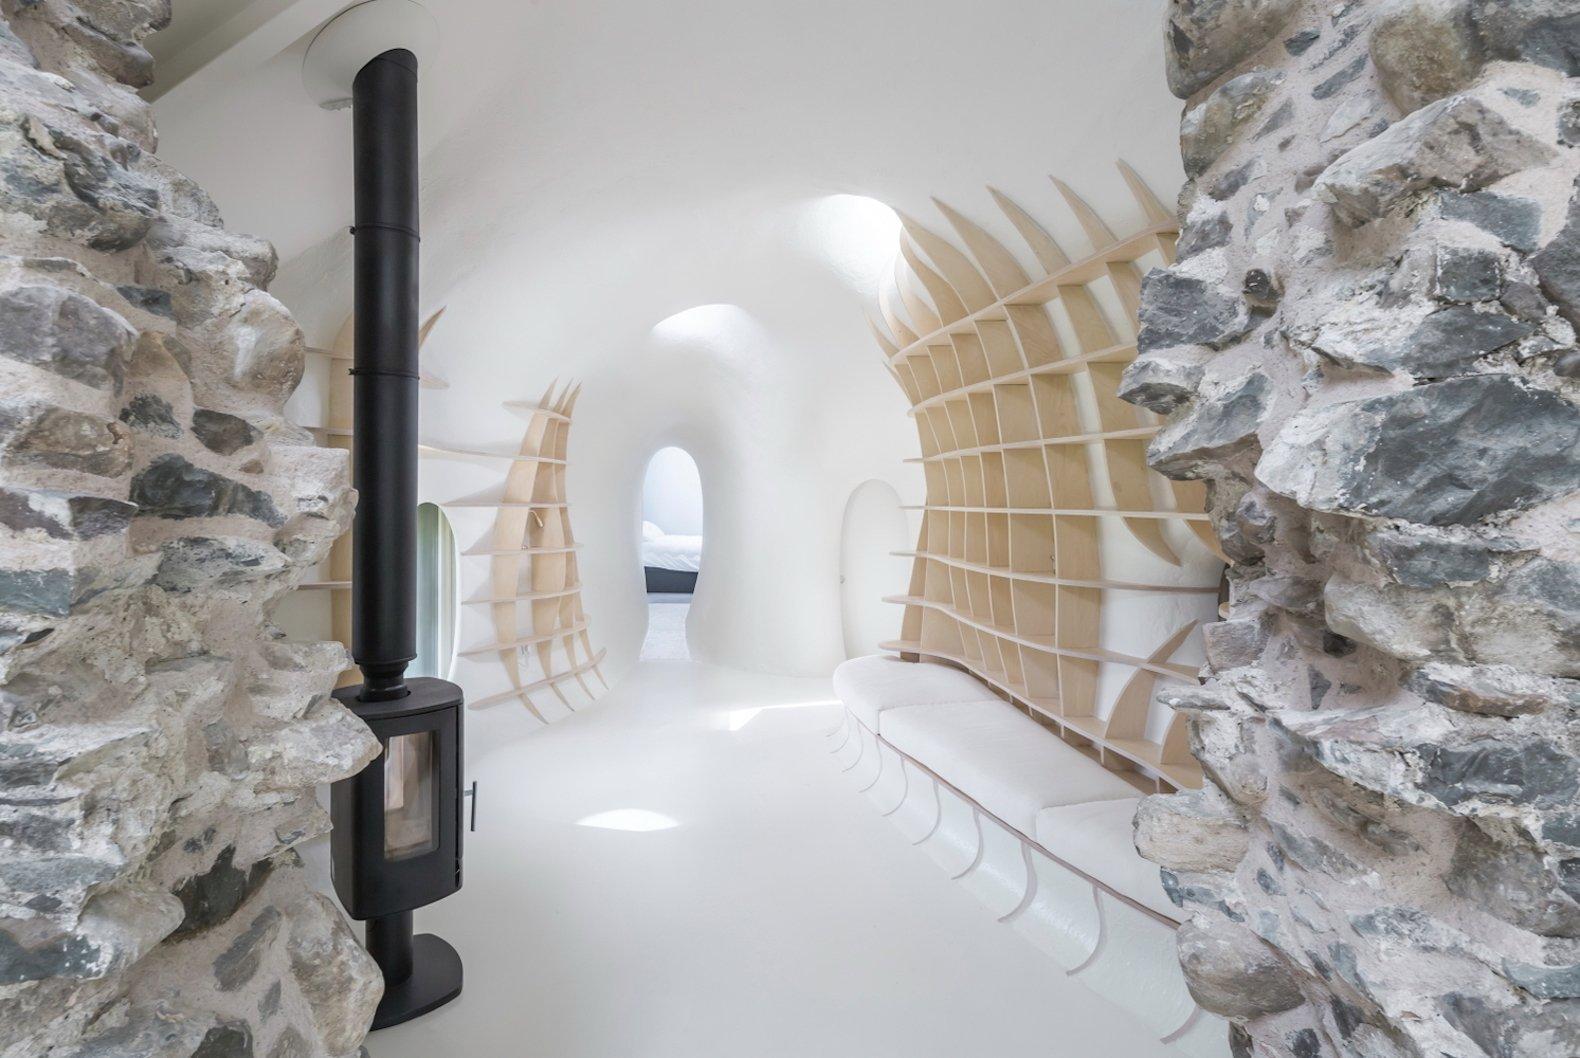 Pozůstatky kamenné stavby z 18. století daly vzniknout unikátnímu projektu. Zřícenina uprostřed nádherné přírody netradičně propojuje kus historie a moderní minimalistickou architekturu dnešní doby. Interiér skrývá mnoho nápaditých a neotřelých řešení. Nahlédněte do něj s námi.